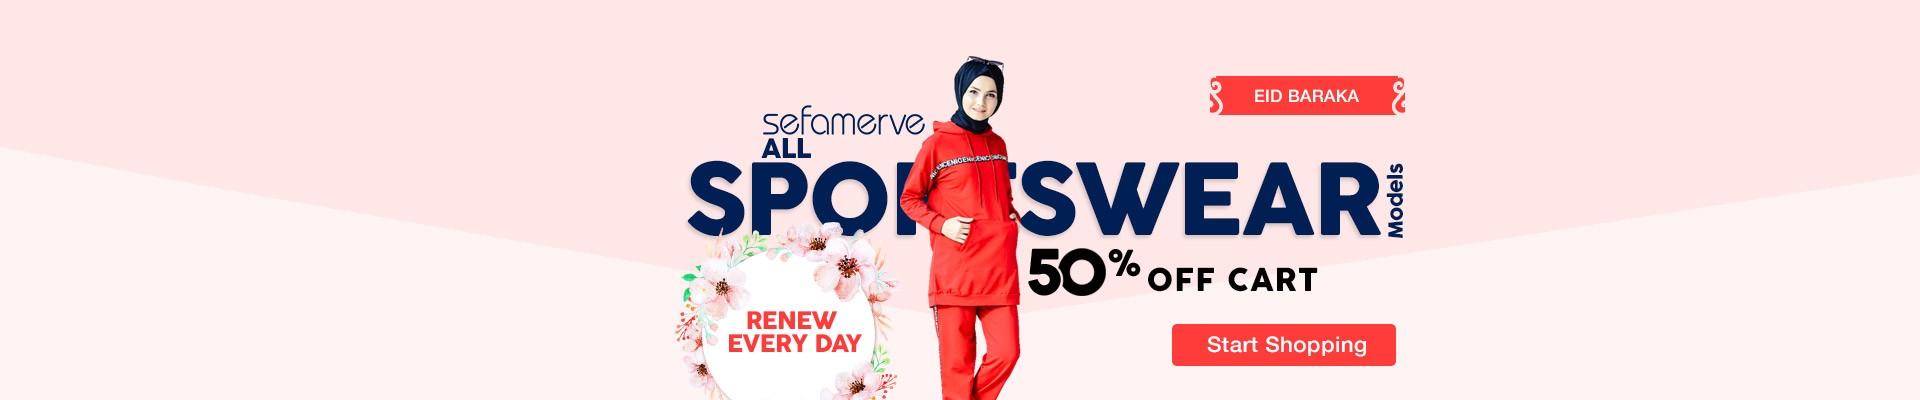 50% Off Cart on All Sefamerve Sportswear